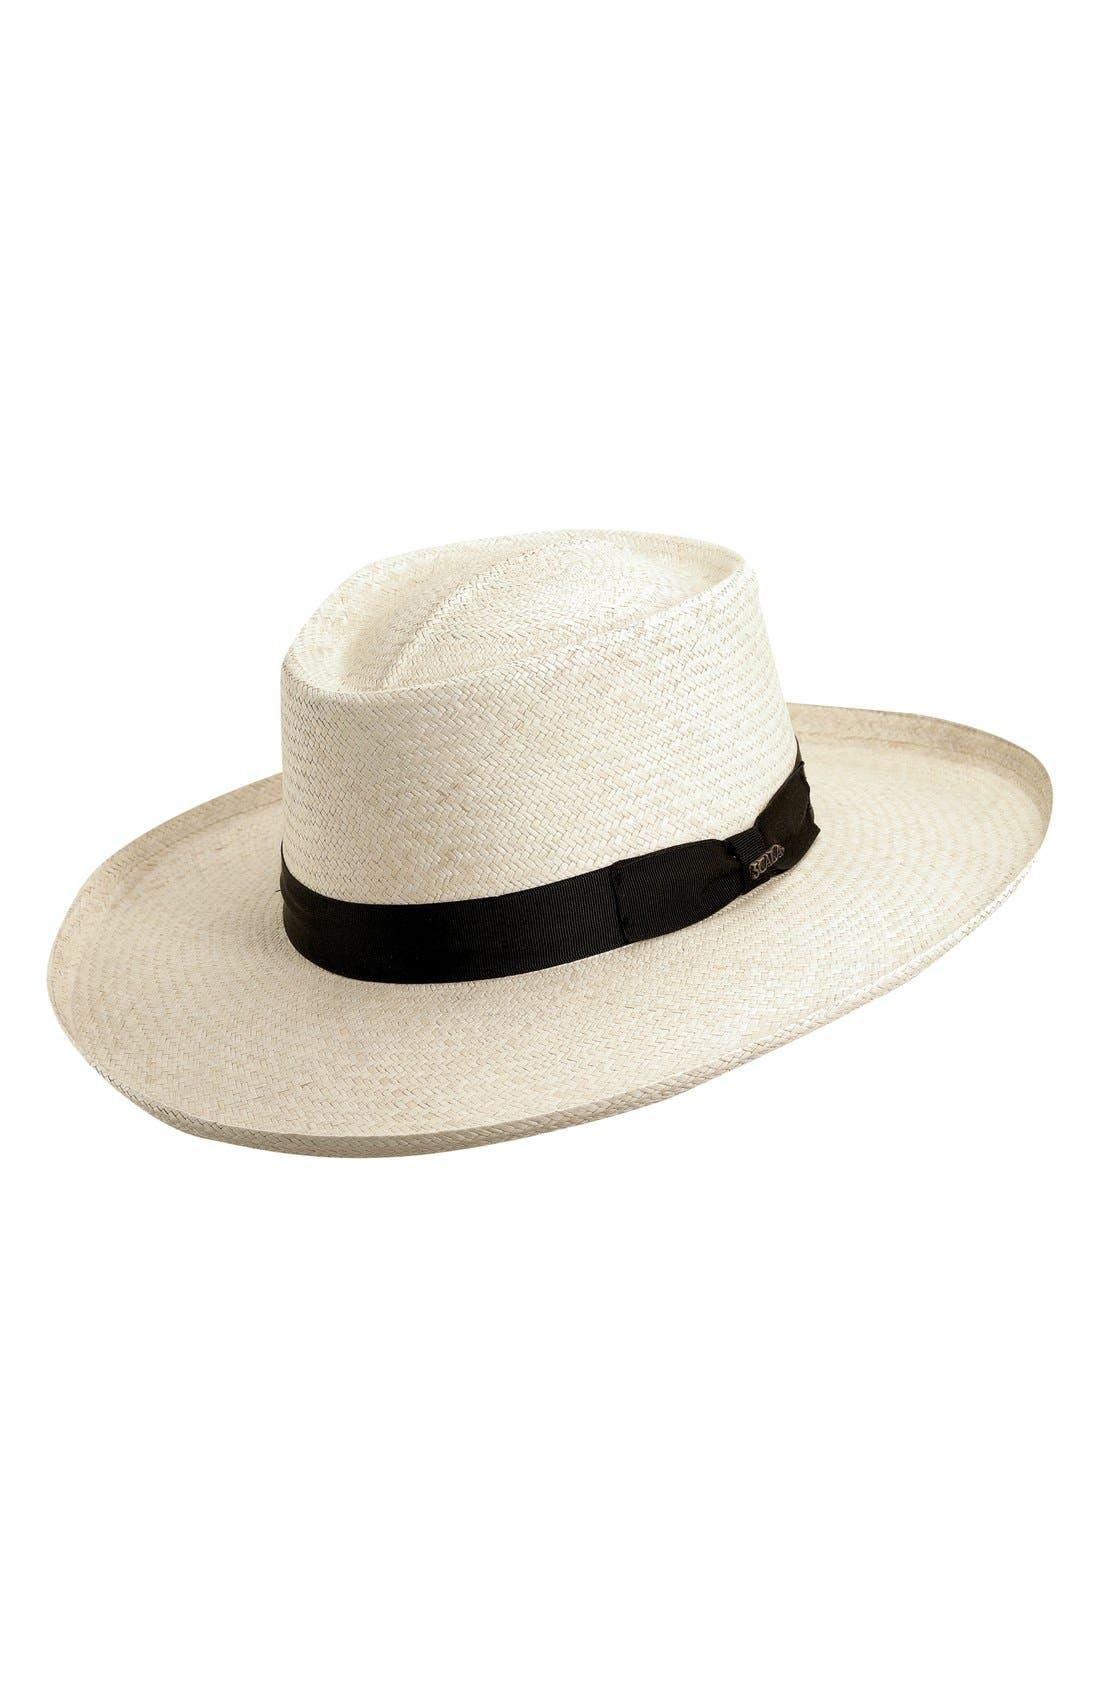 Main Image - Scala Straw Gambler Hat